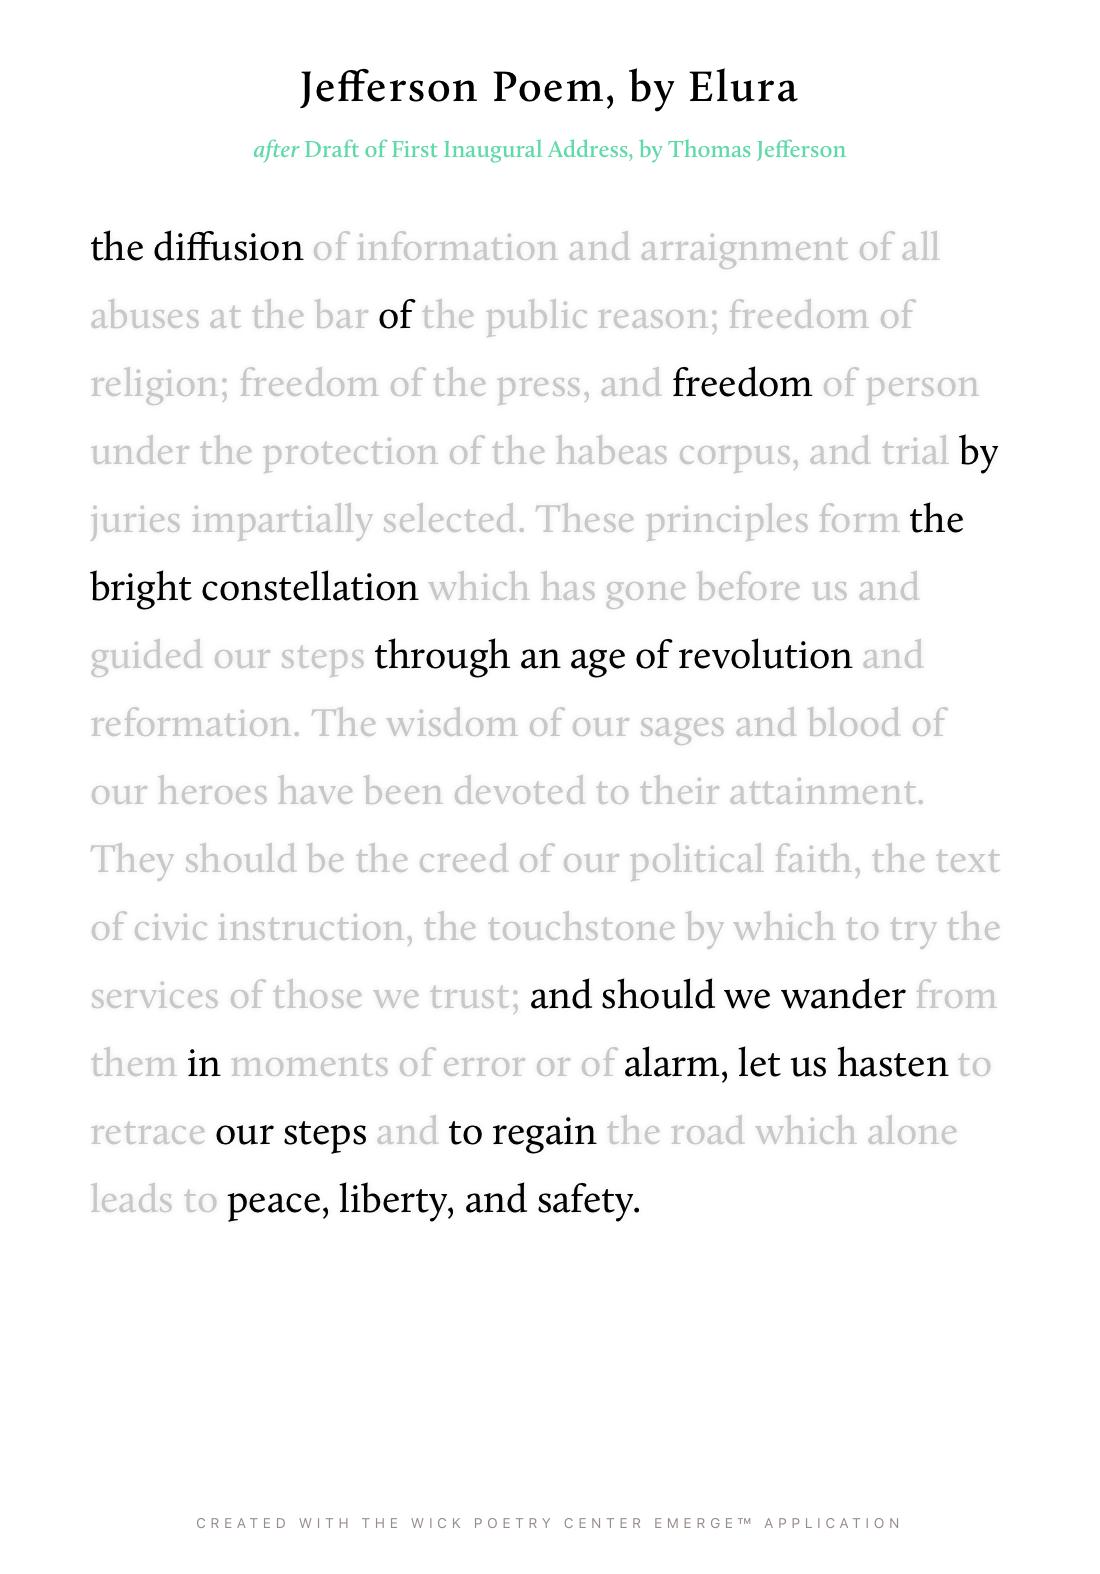 Jefferson Poem